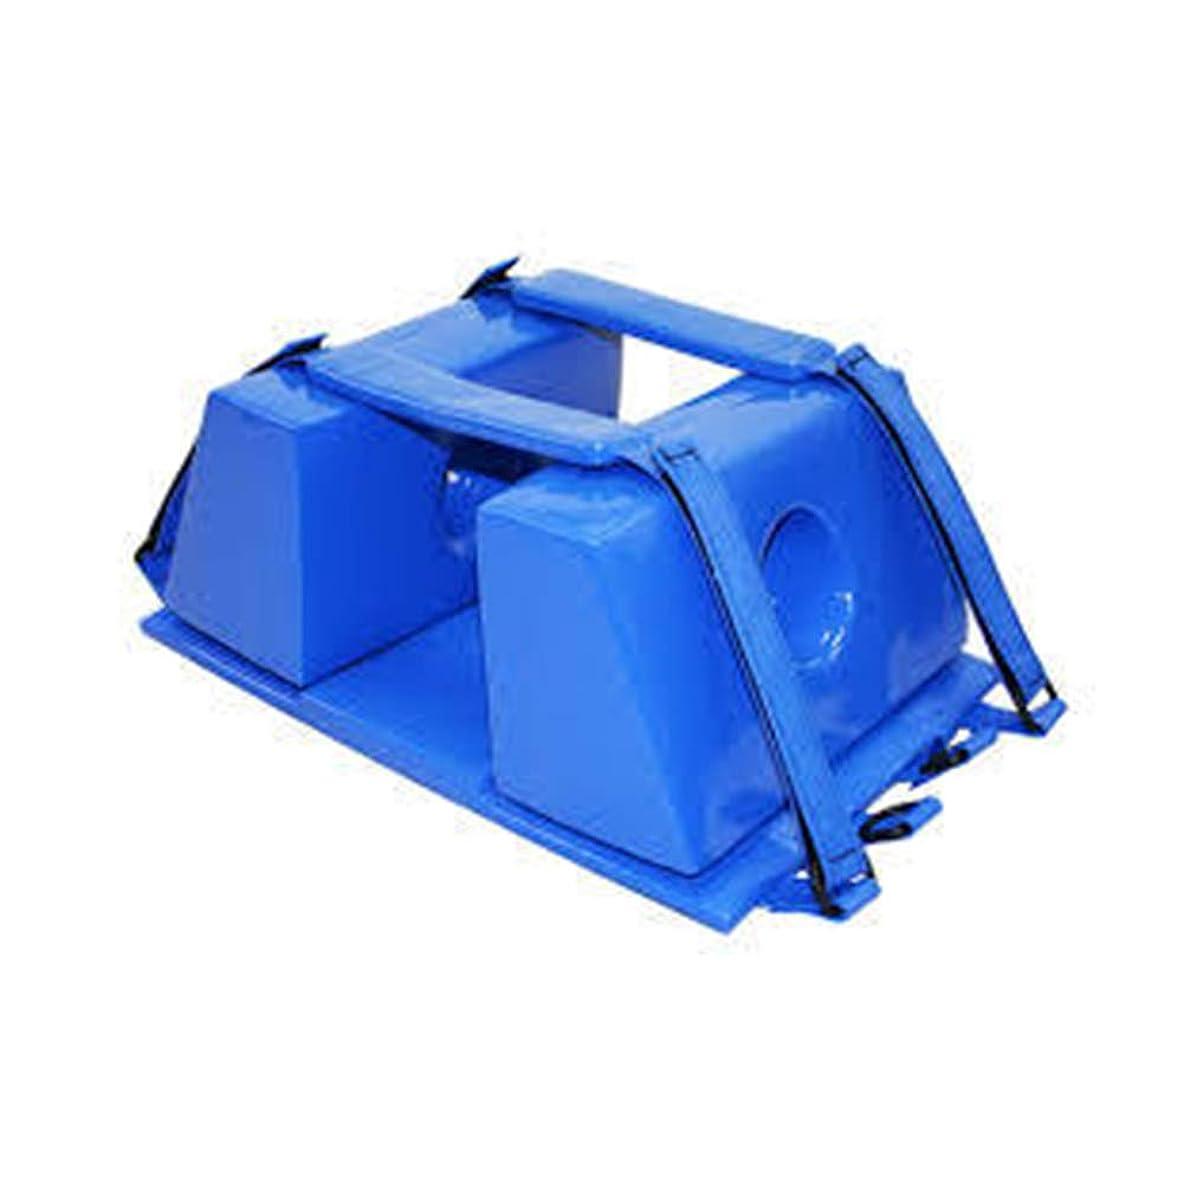 空の航空便スカウト背板 - 背骨のための普遍的な緊急の再使用可能な救助のライト級選手のための脊椎板頭部の固定装置,Blue